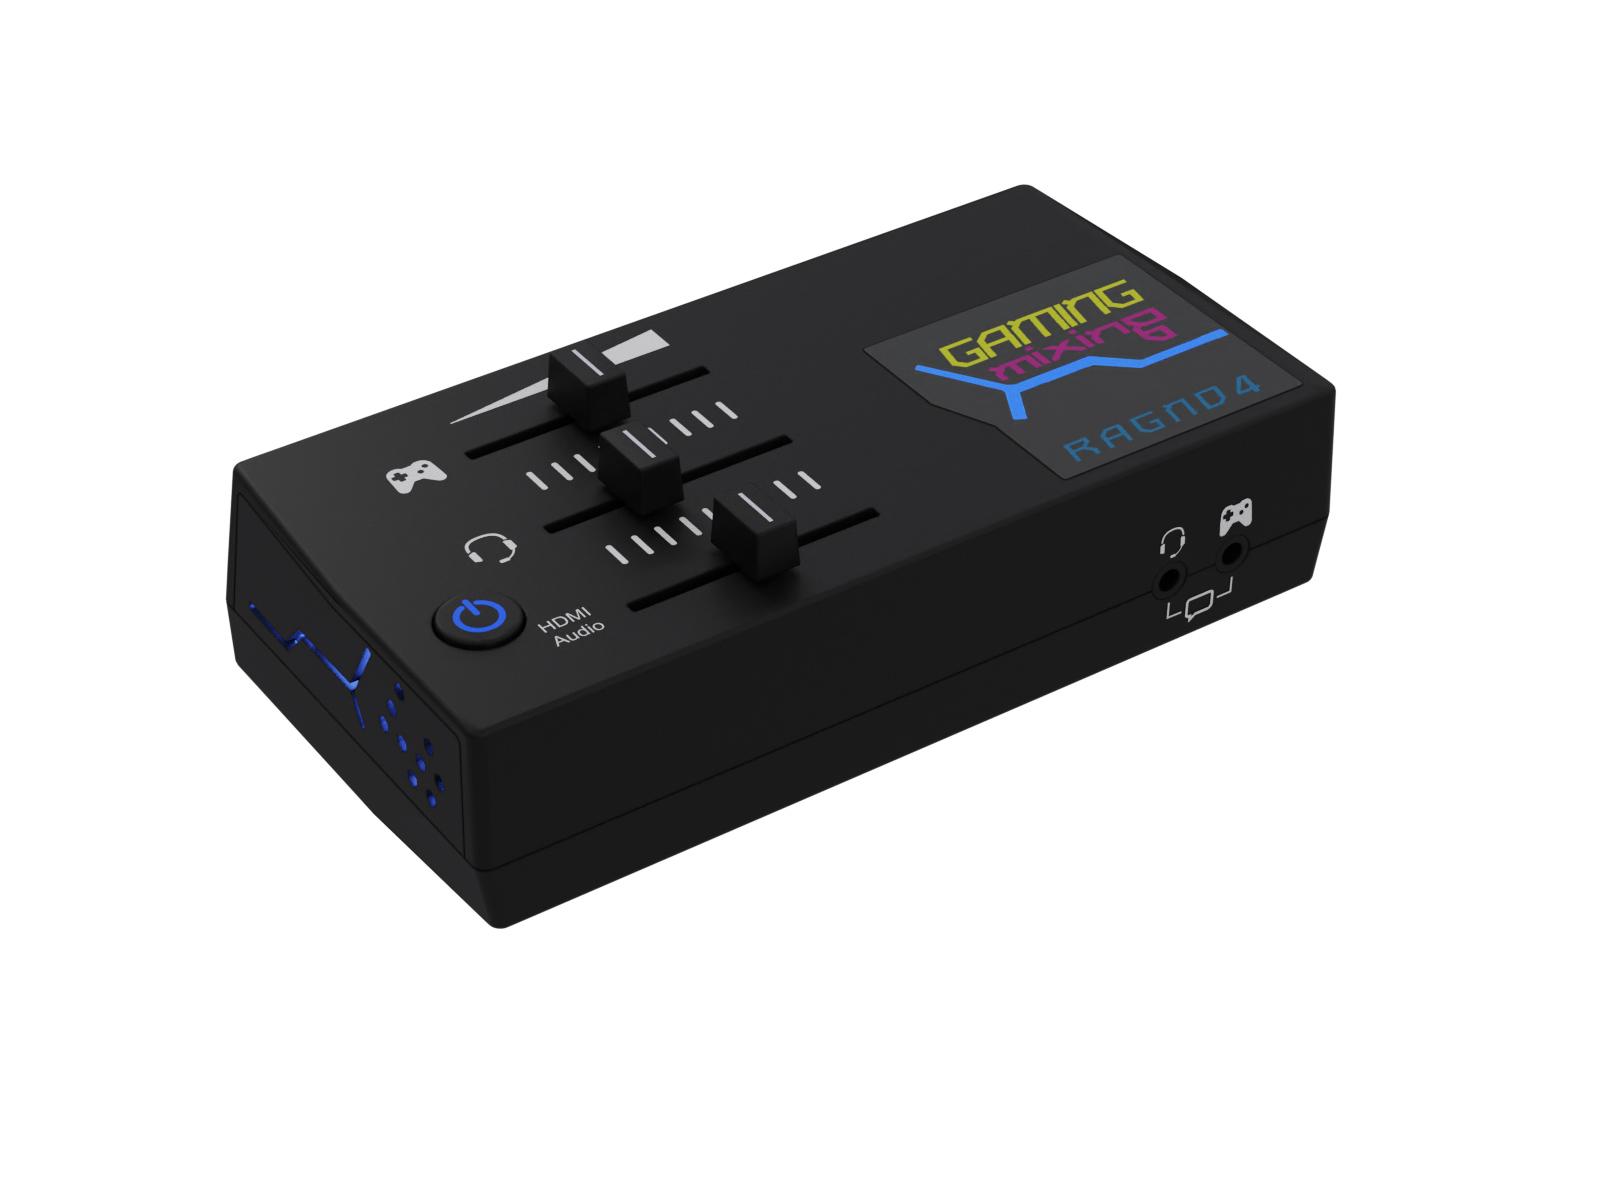 ゲームキャプチャや配信に必要な多くの機能を1つで実現 お得 《在庫あり》AREA ゲームキャプチャーのオールインワンソリューション ライブ配信に最適な機構 まとめ買い特価 リアルタイムで音声調整可能 HDMI出力ポートからテレビ モニターへの映像出力 SD-U3CUP-G USB3.0接続キャプチャーRagno4